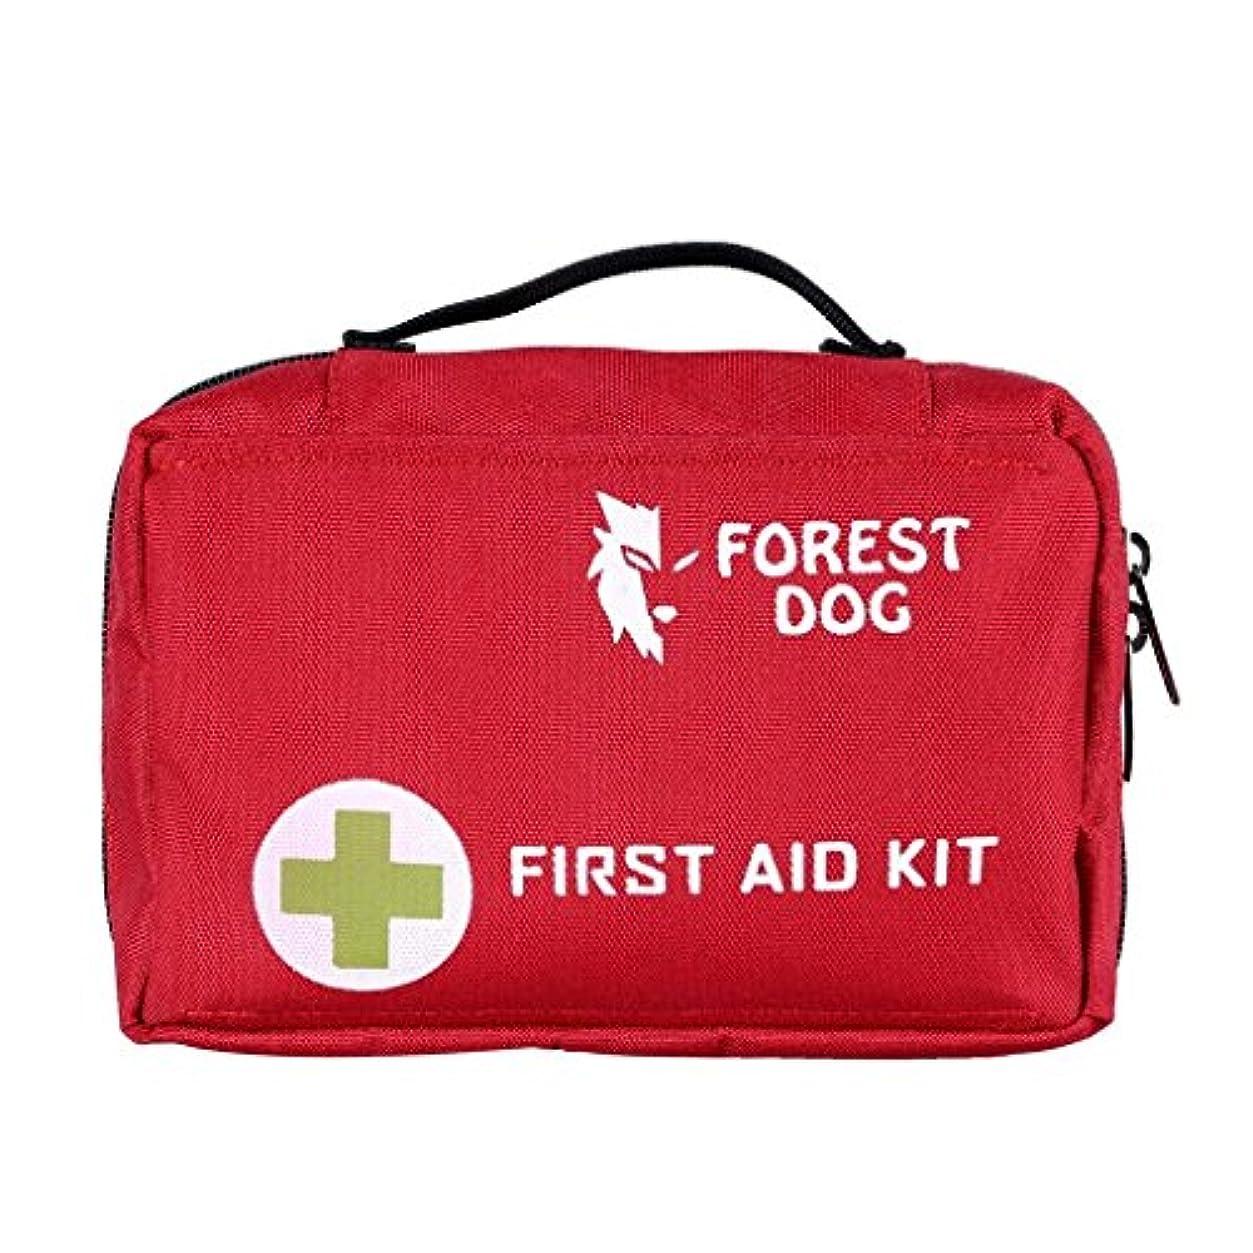 正統派どんよりした検出器携帯 収納便利 応急処置セット 屋外生存 旅行 登山 ハイキング 救急セット バッグ 複数なポケット 手提げ 腰掛け